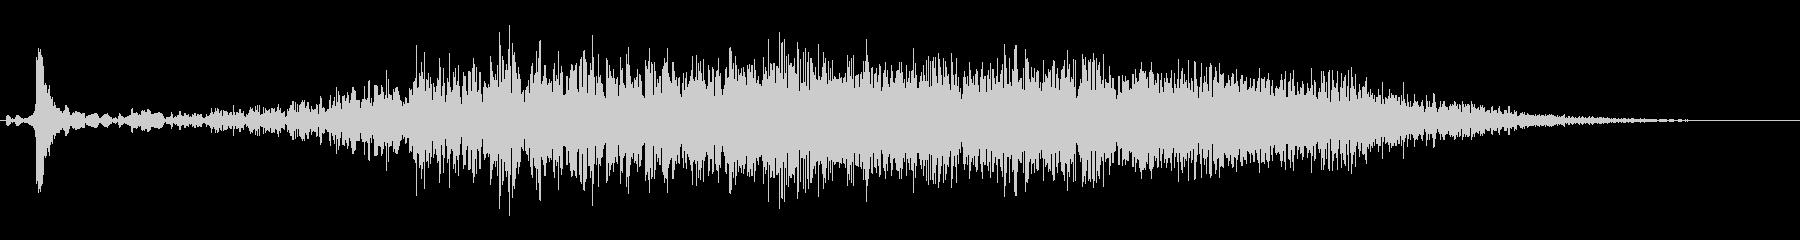 ギューーーン (充填音)の未再生の波形